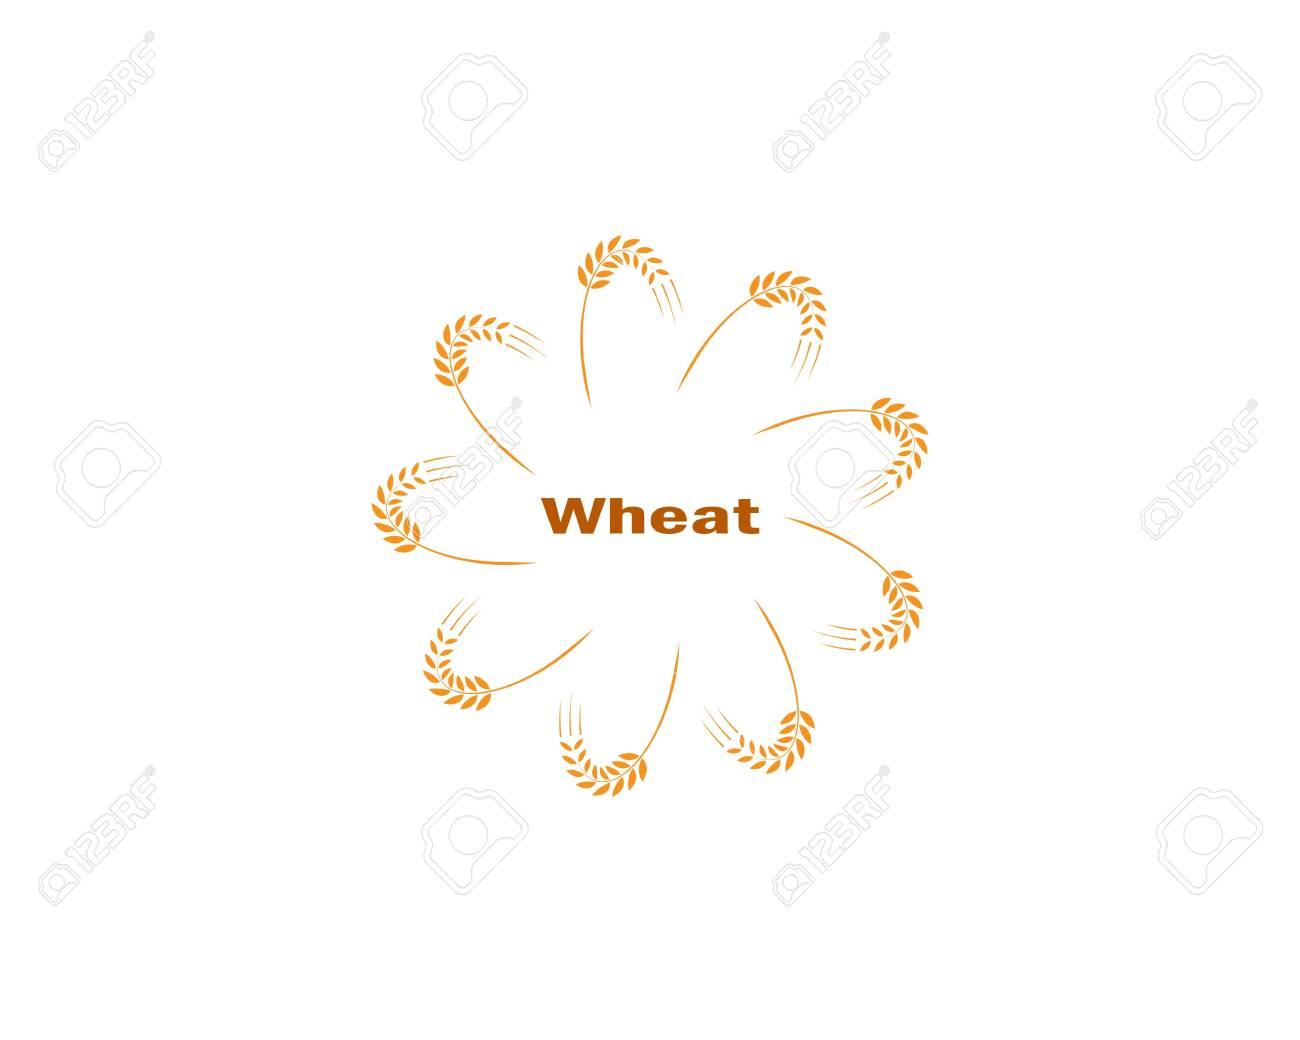 wheat Logo Template vector icon design - 151769928